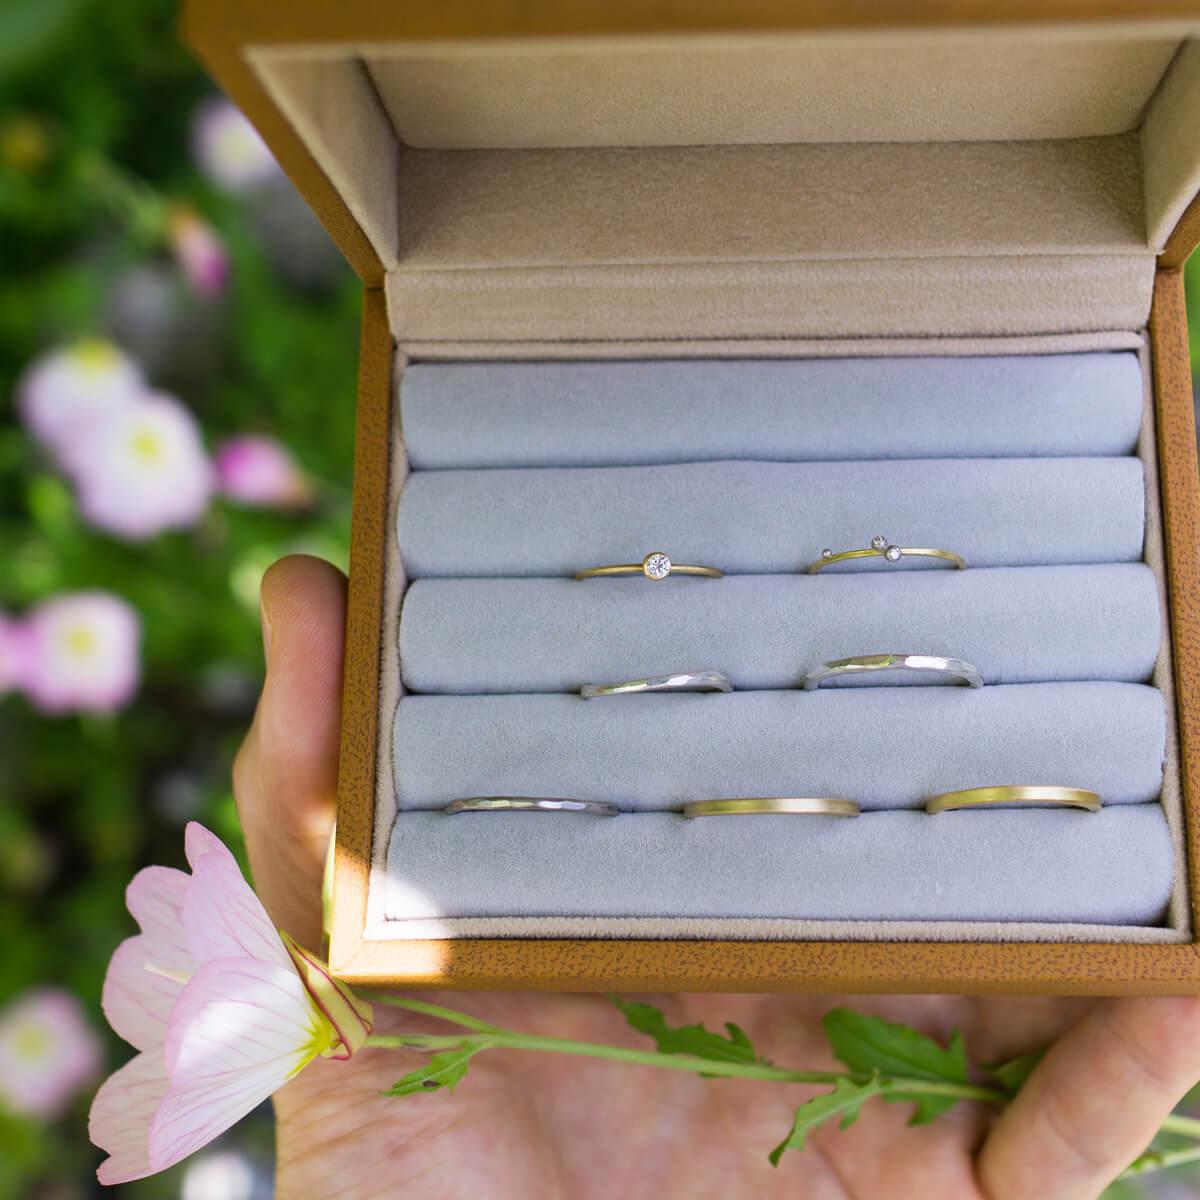 出会いがあって、結婚指輪があって。奇跡のような瞬間。#屋久島でつくる結婚指輪